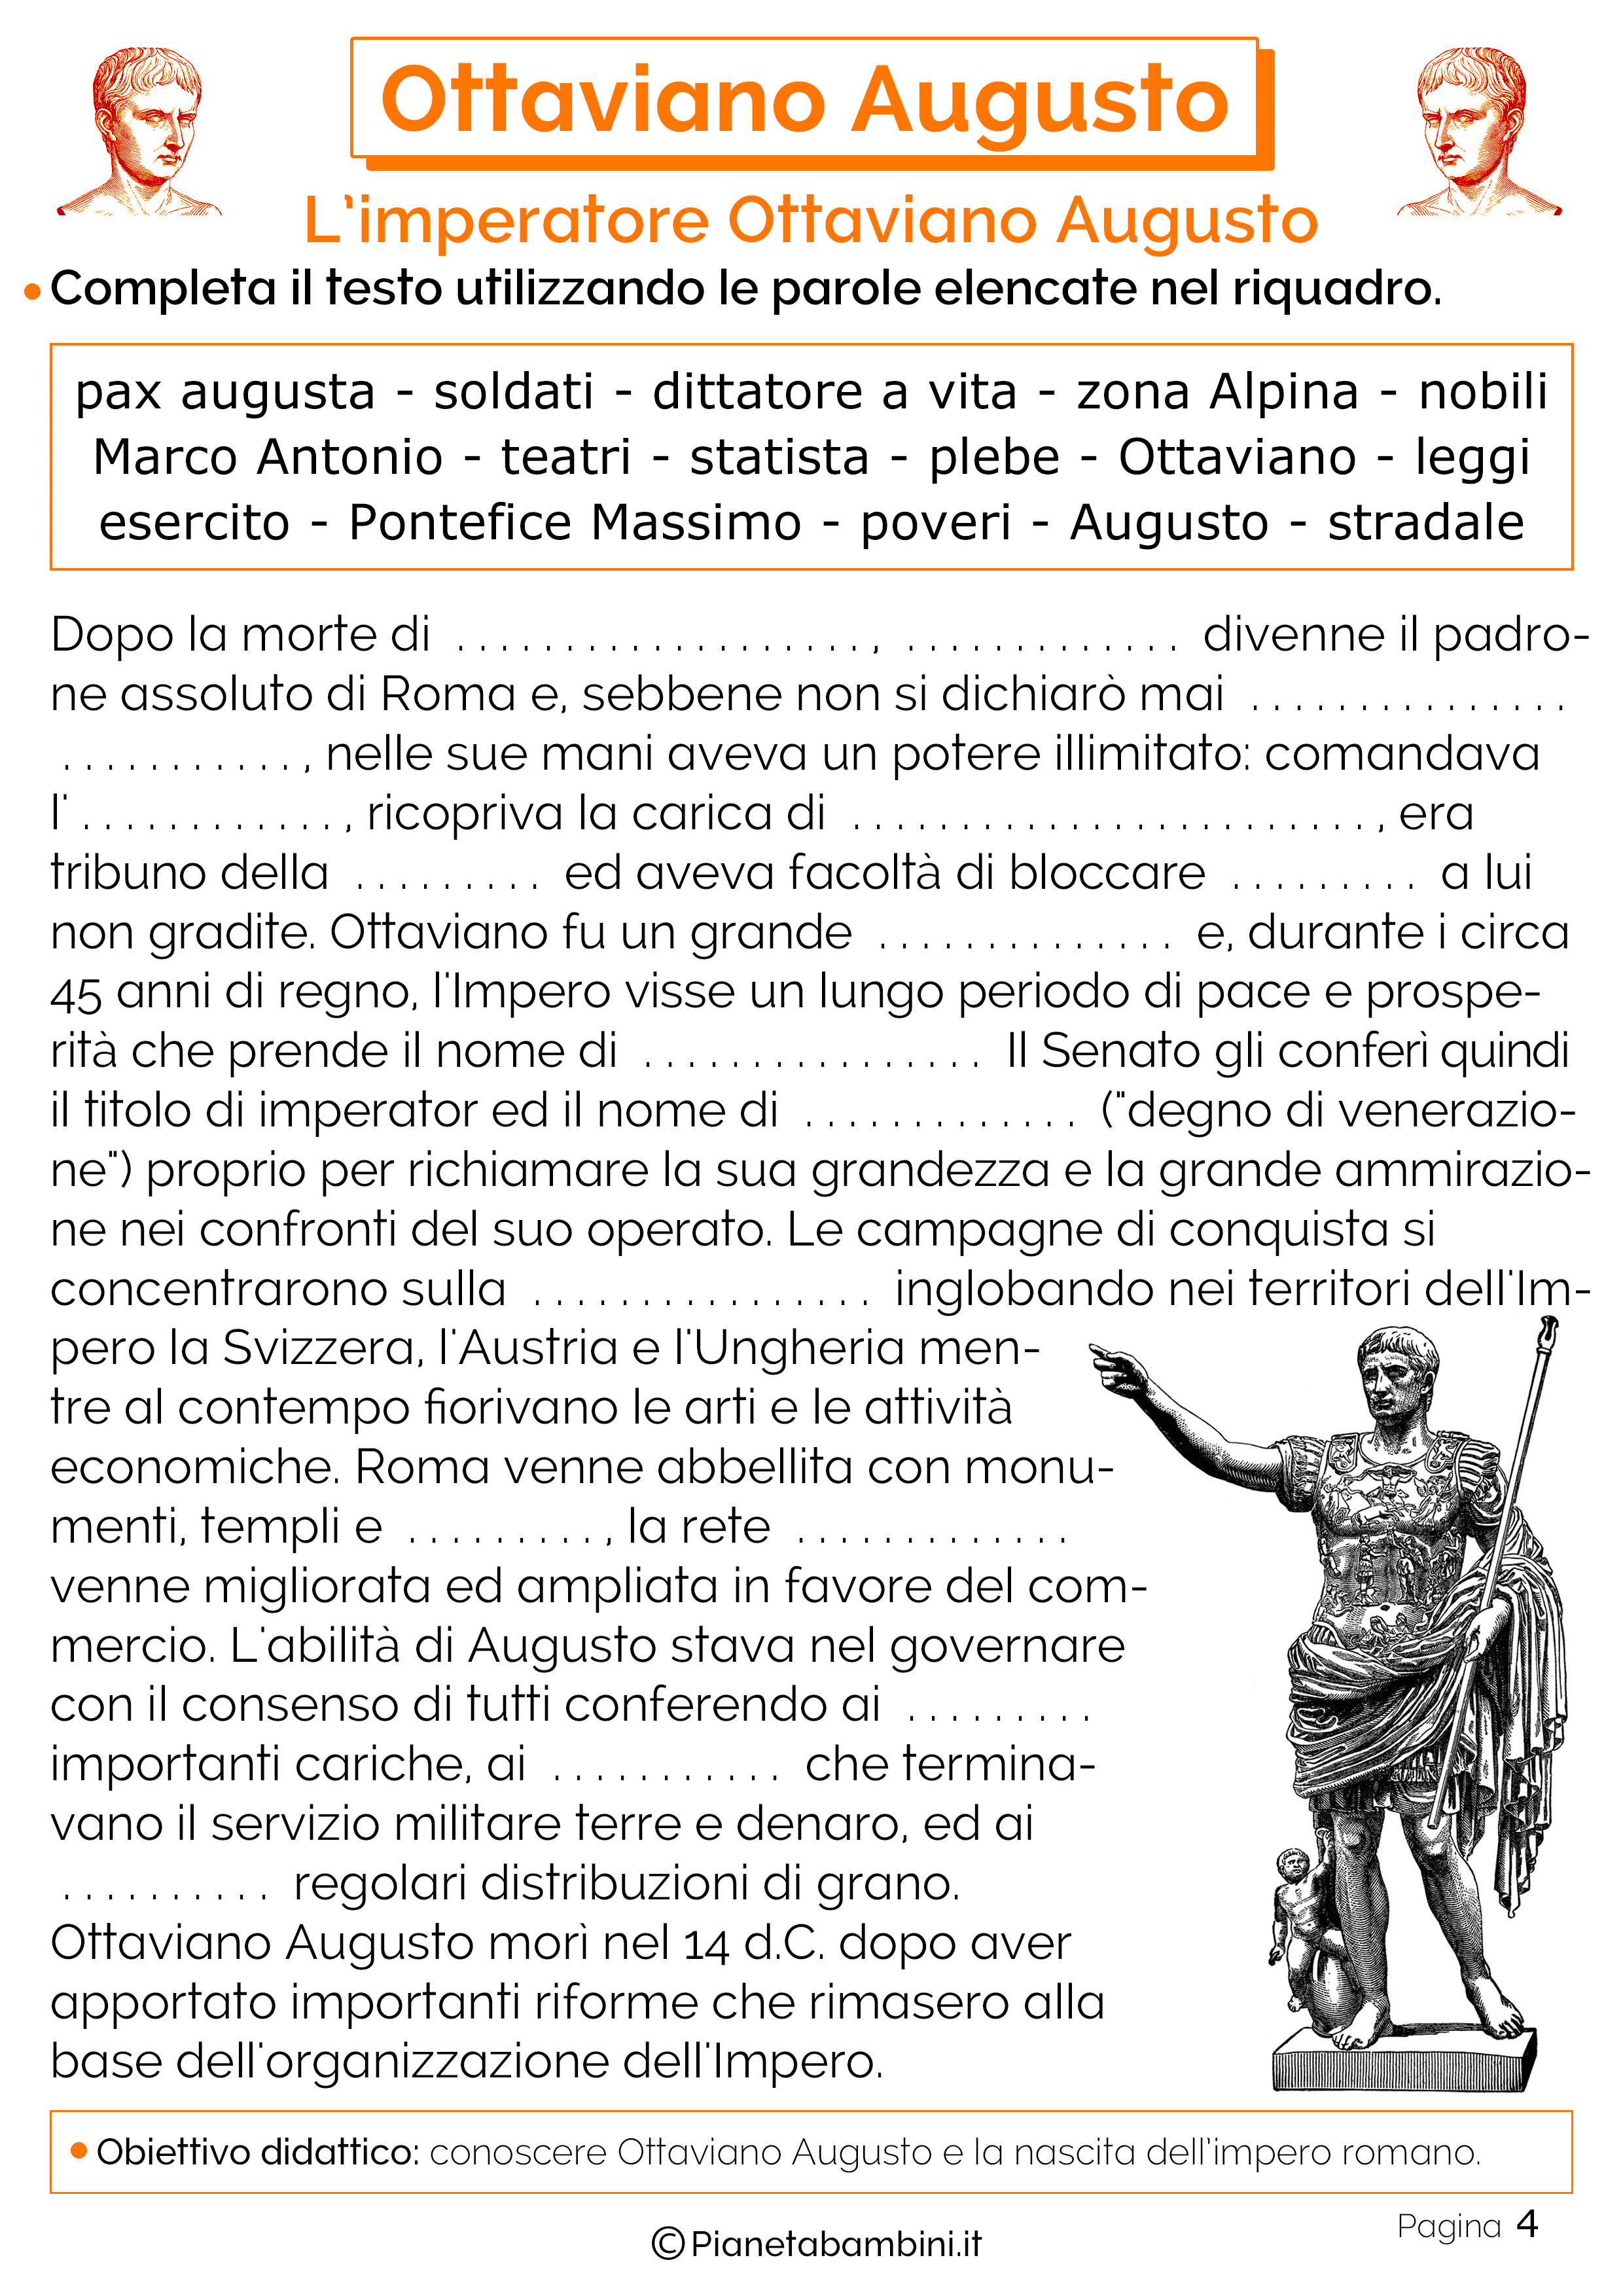 Ottaviano imperatore